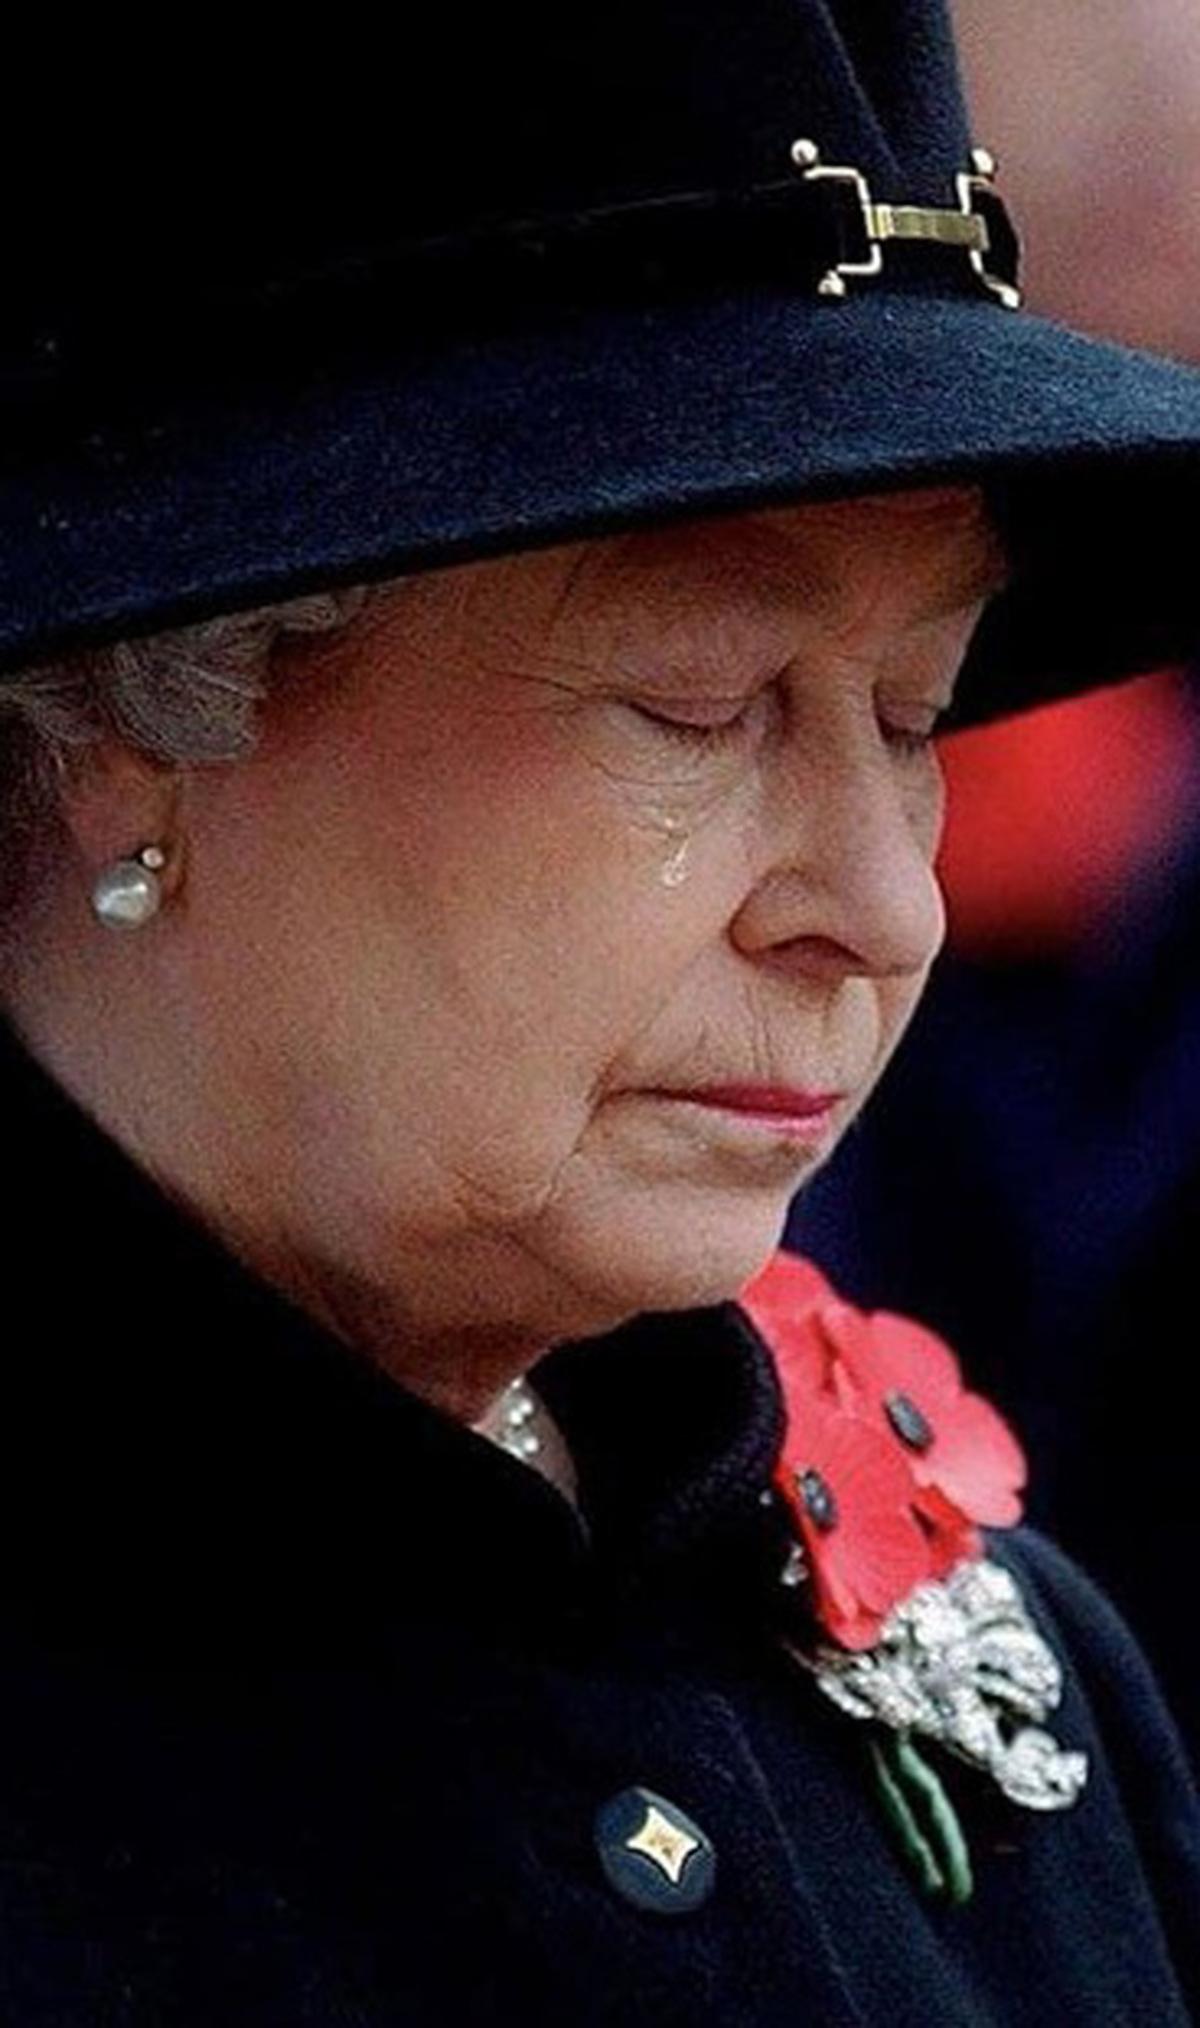 ملکه الیزابت در وداع همسرش اشک ریخت+عکس| اشک ملکه الیزابت در خداحافظی با شاهزاده فیلیپ